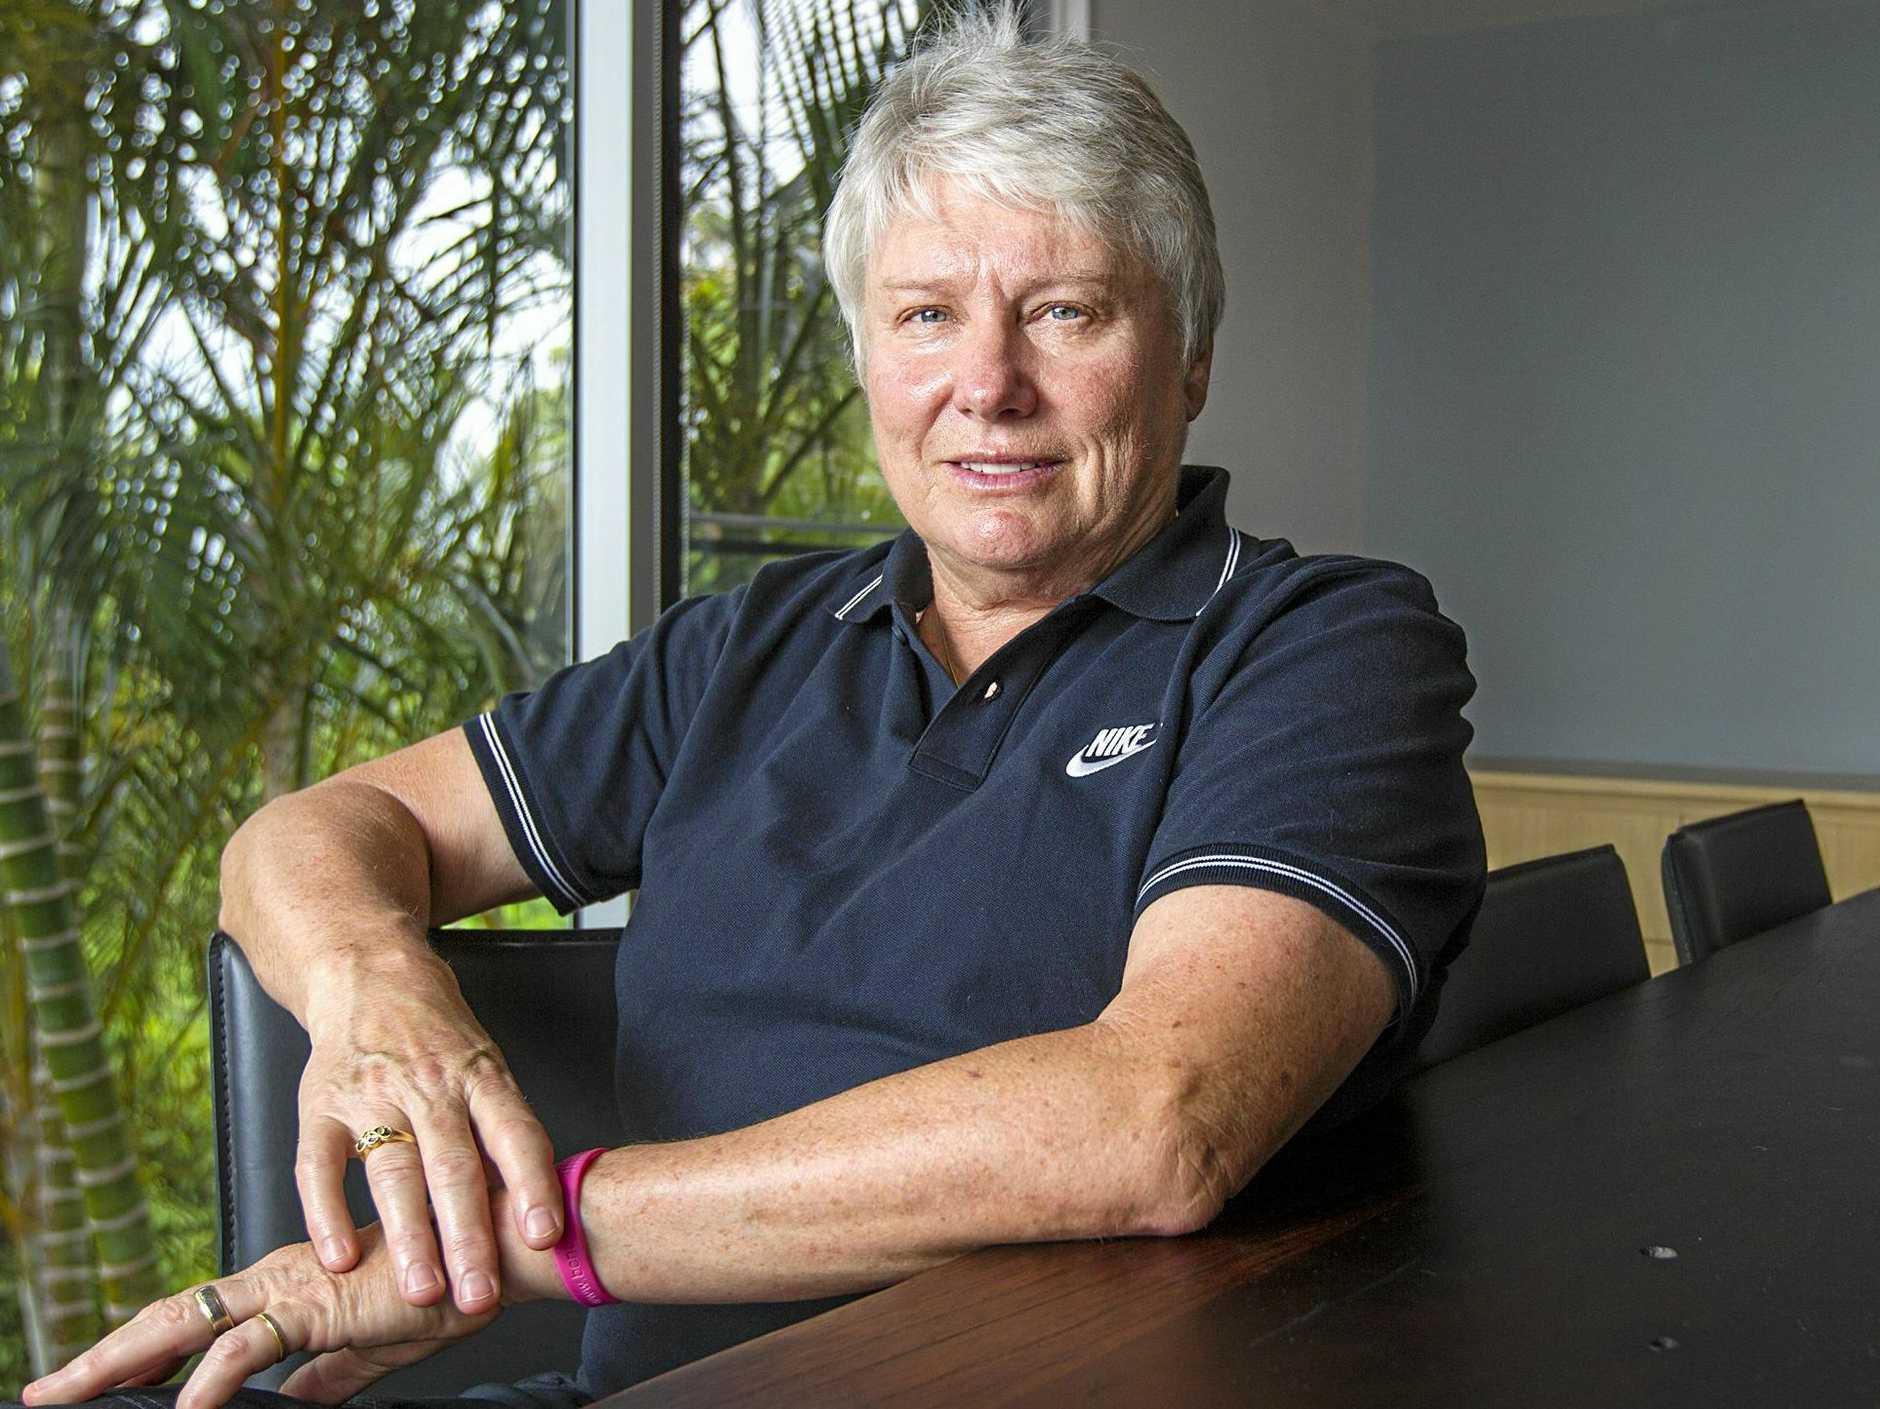 Former Australian Olympian Raelene Boyle